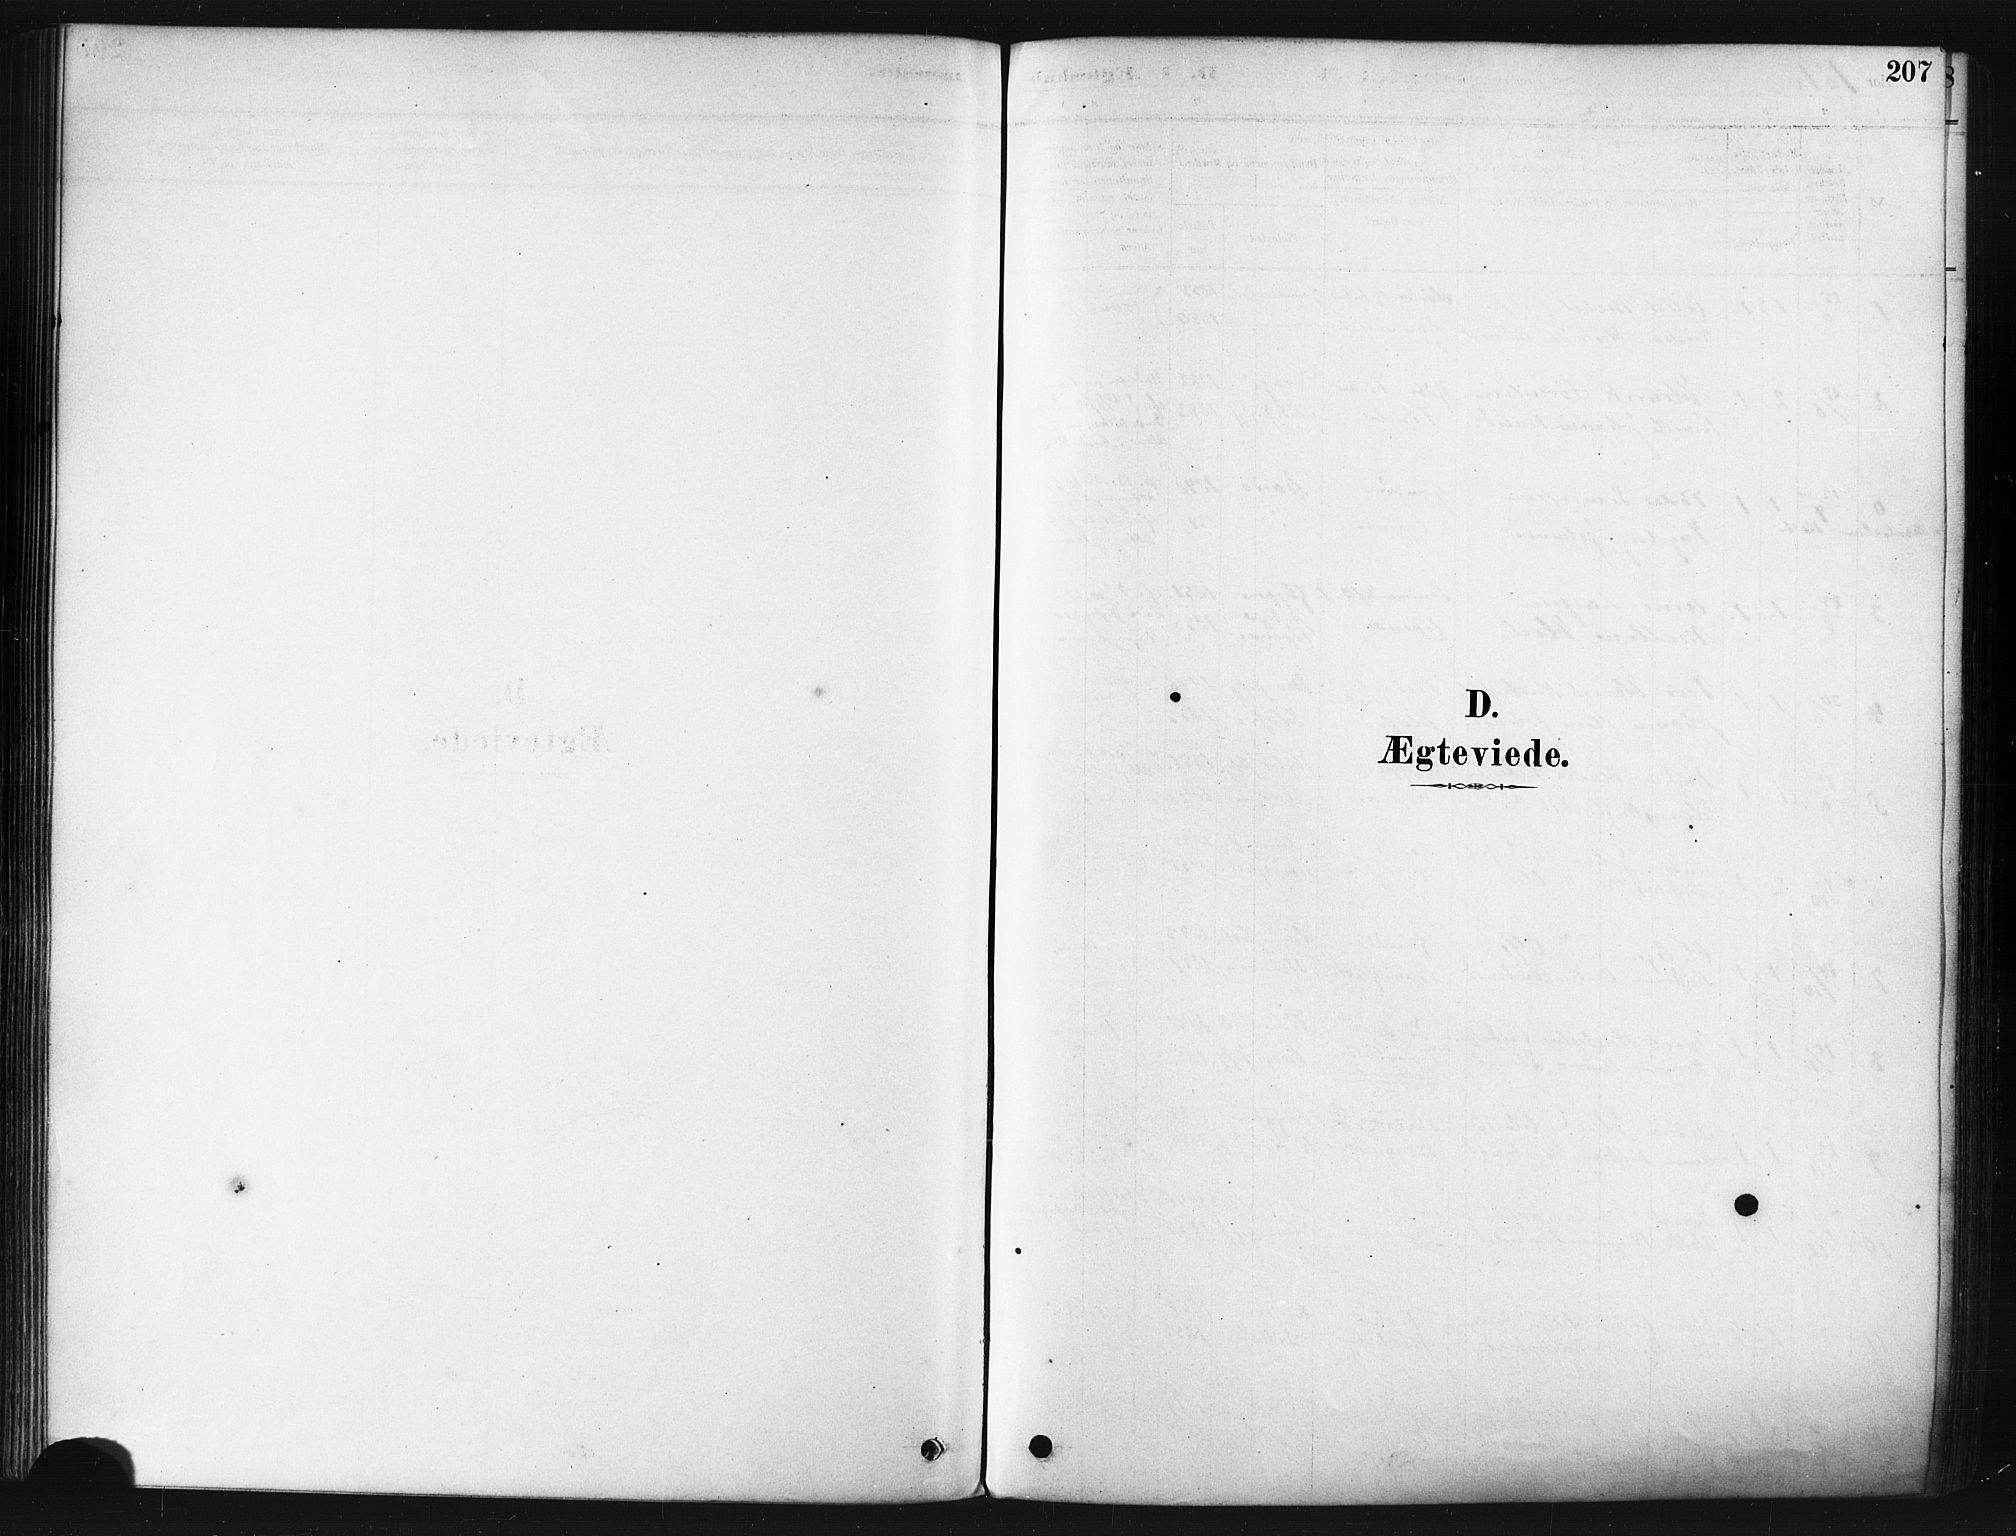 SATØ, Tranøy sokneprestkontor, I/Ia/Iaa/L0009kirke: Parish register (official) no. 9, 1878-1904, p. 207